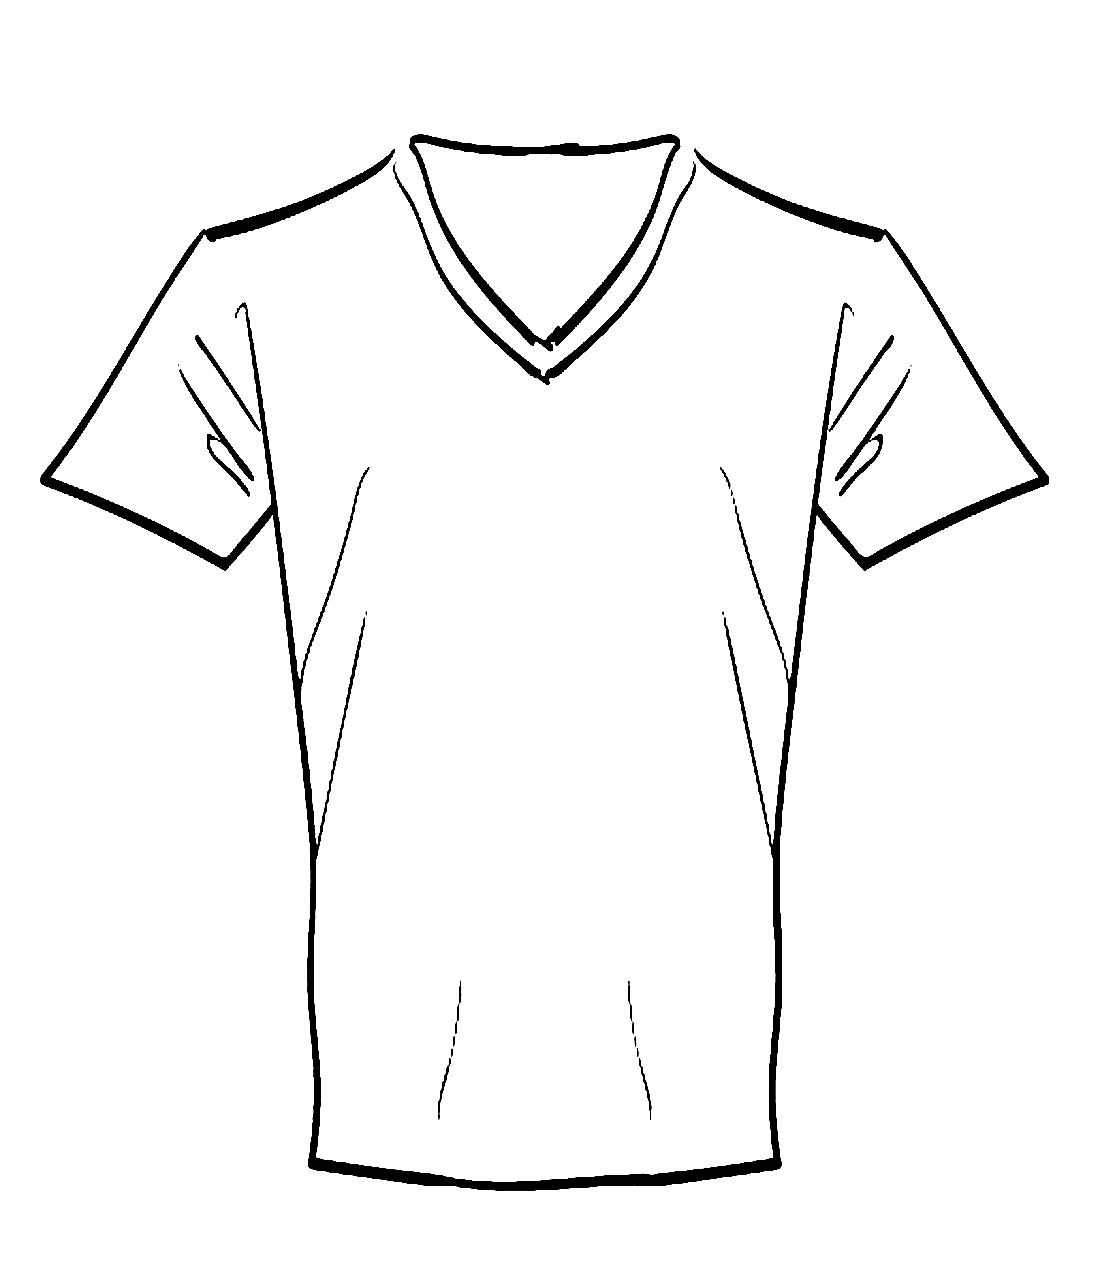 Чёрно-белые картинки одежды